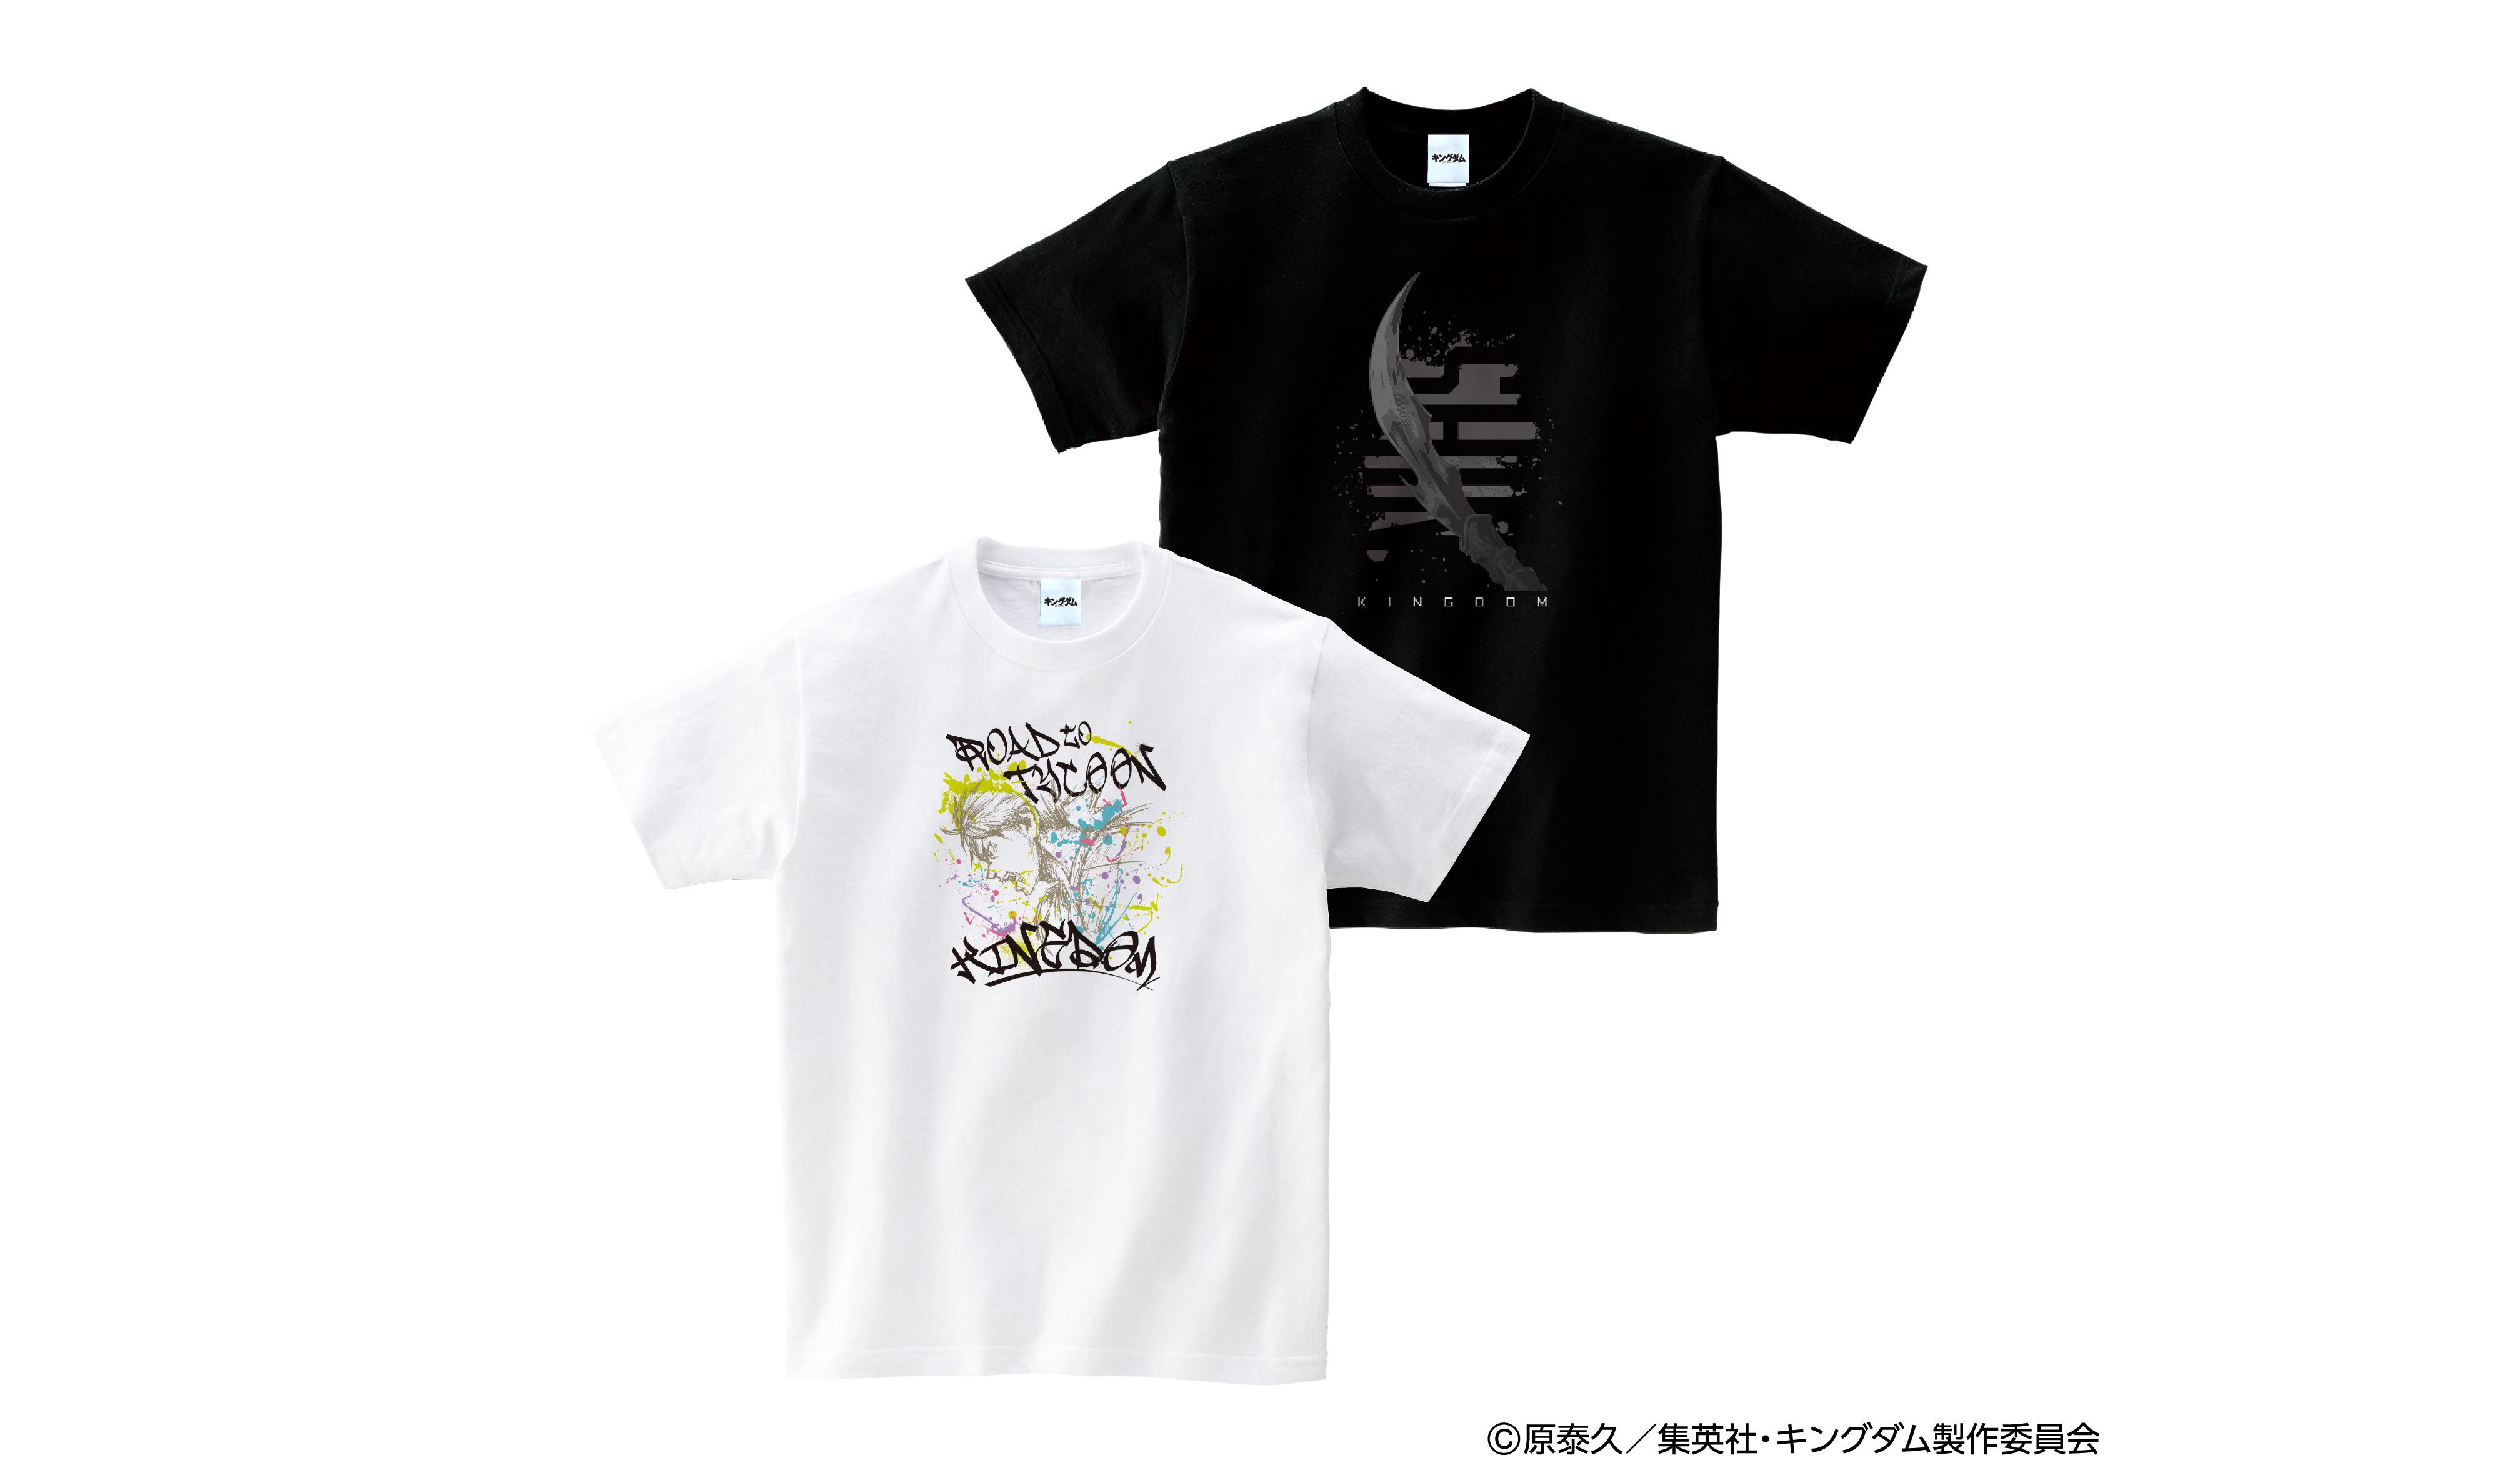 キングダム Tシャツ 信 ※5/28(金)より順次発送※